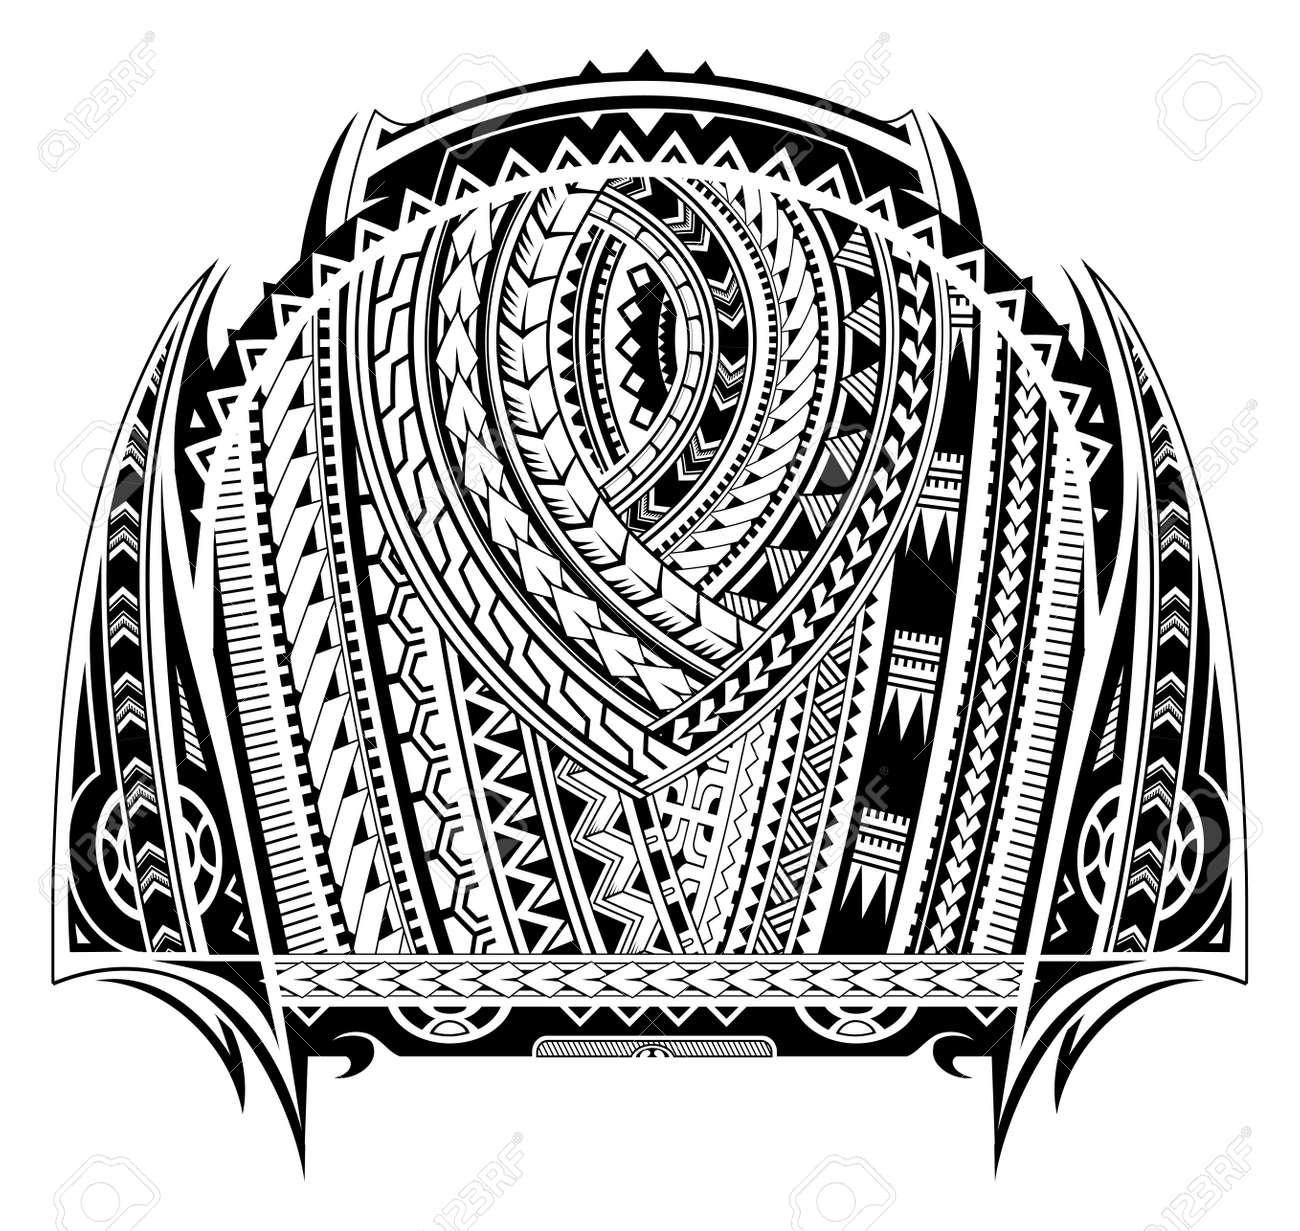 Tatouage De Style Maori Bon Pour Le Tatouage A La Poitrine Et A La Manche Clip Art Libres De Droits Vecteurs Et Illustration Image 77622249